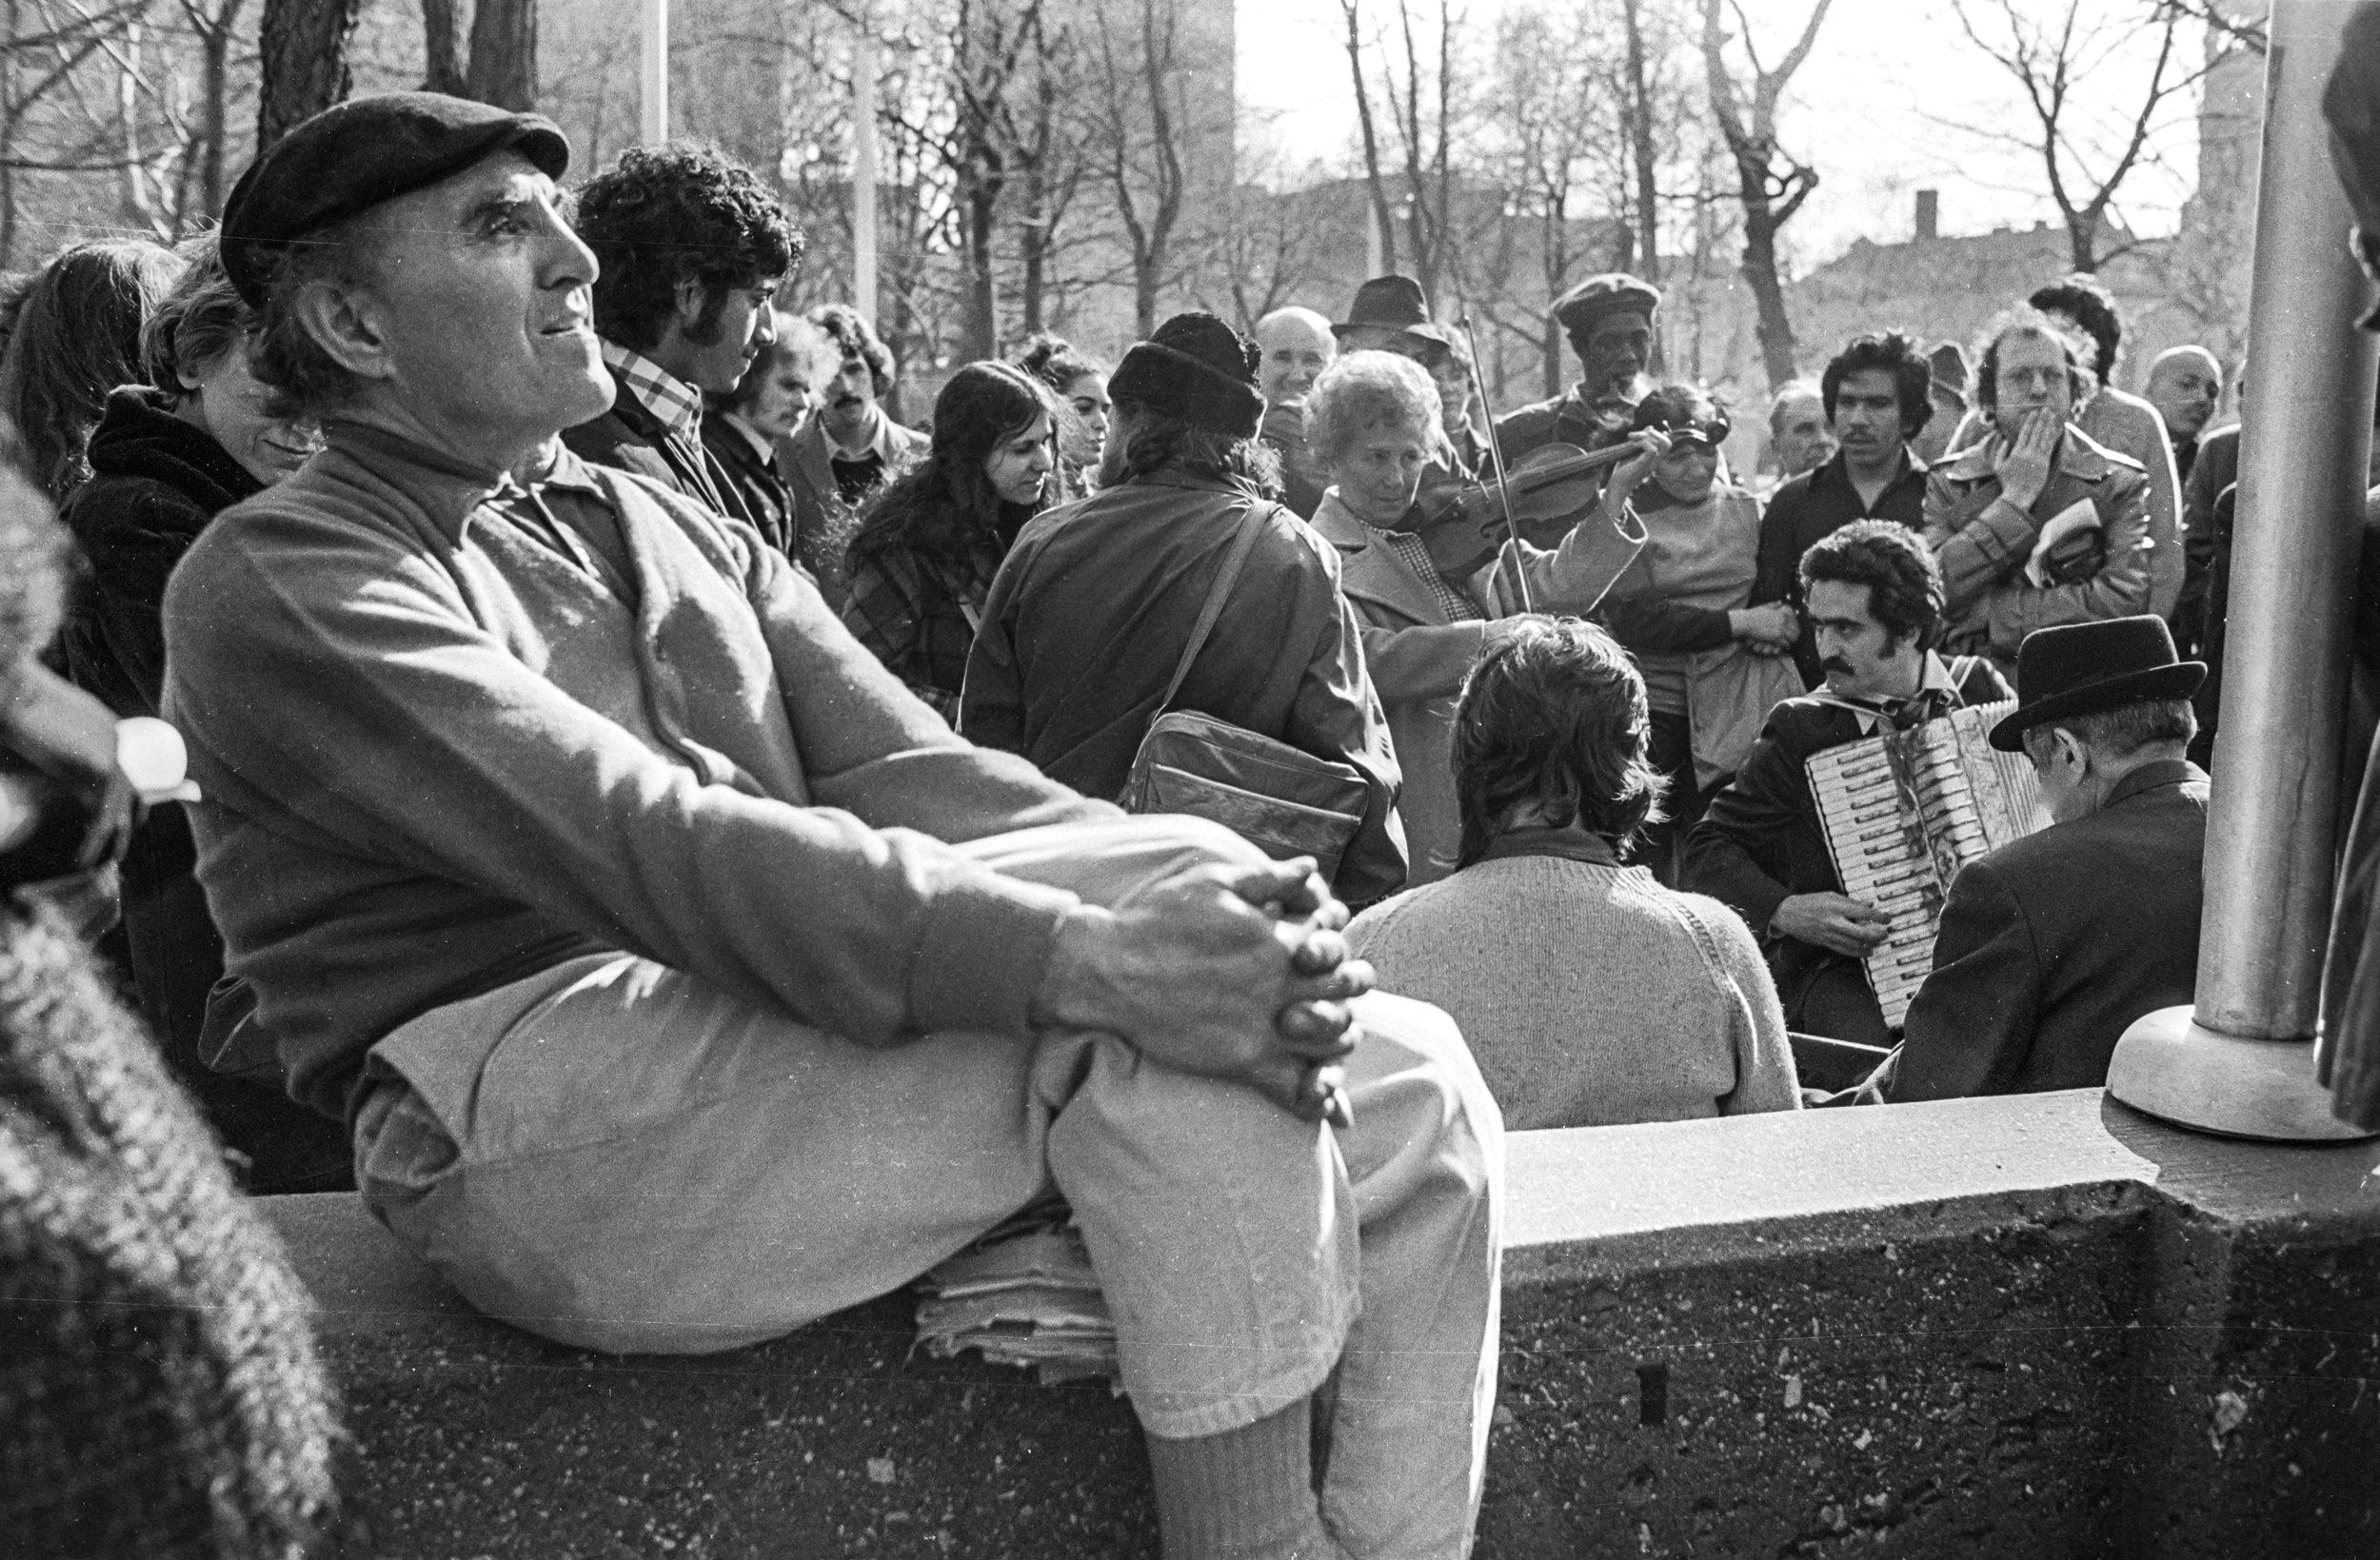 Washington Square Park, 1975